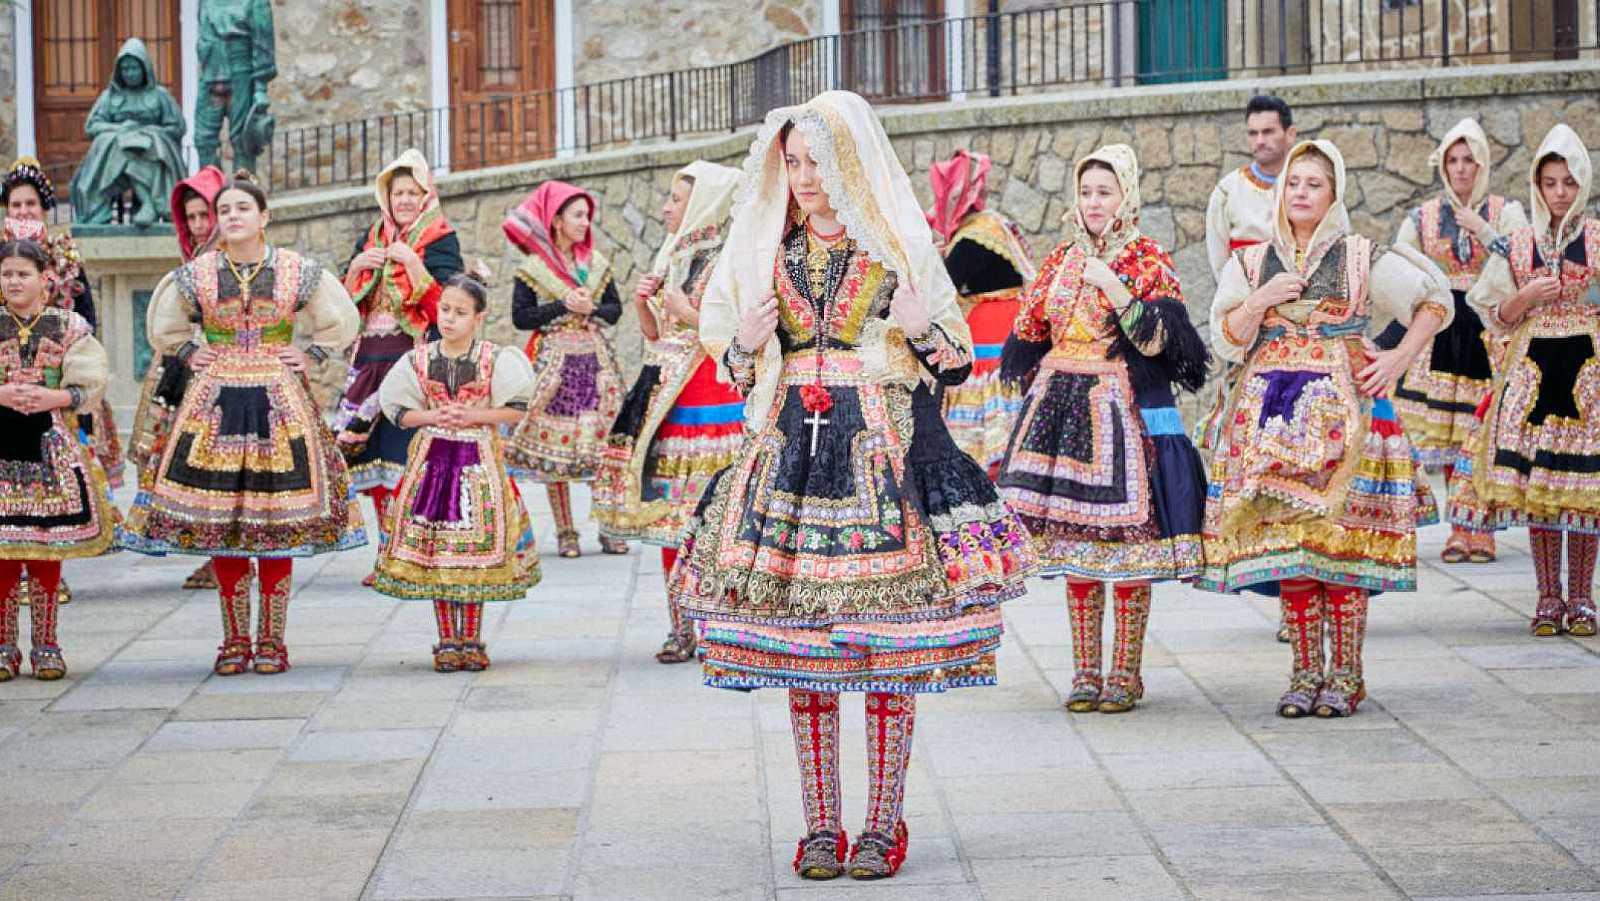 Marca España - El traje de lagarterana quiere ser Patrimonio Inmaterial de la Humanidad - 05/05/21 - escuchar ahora